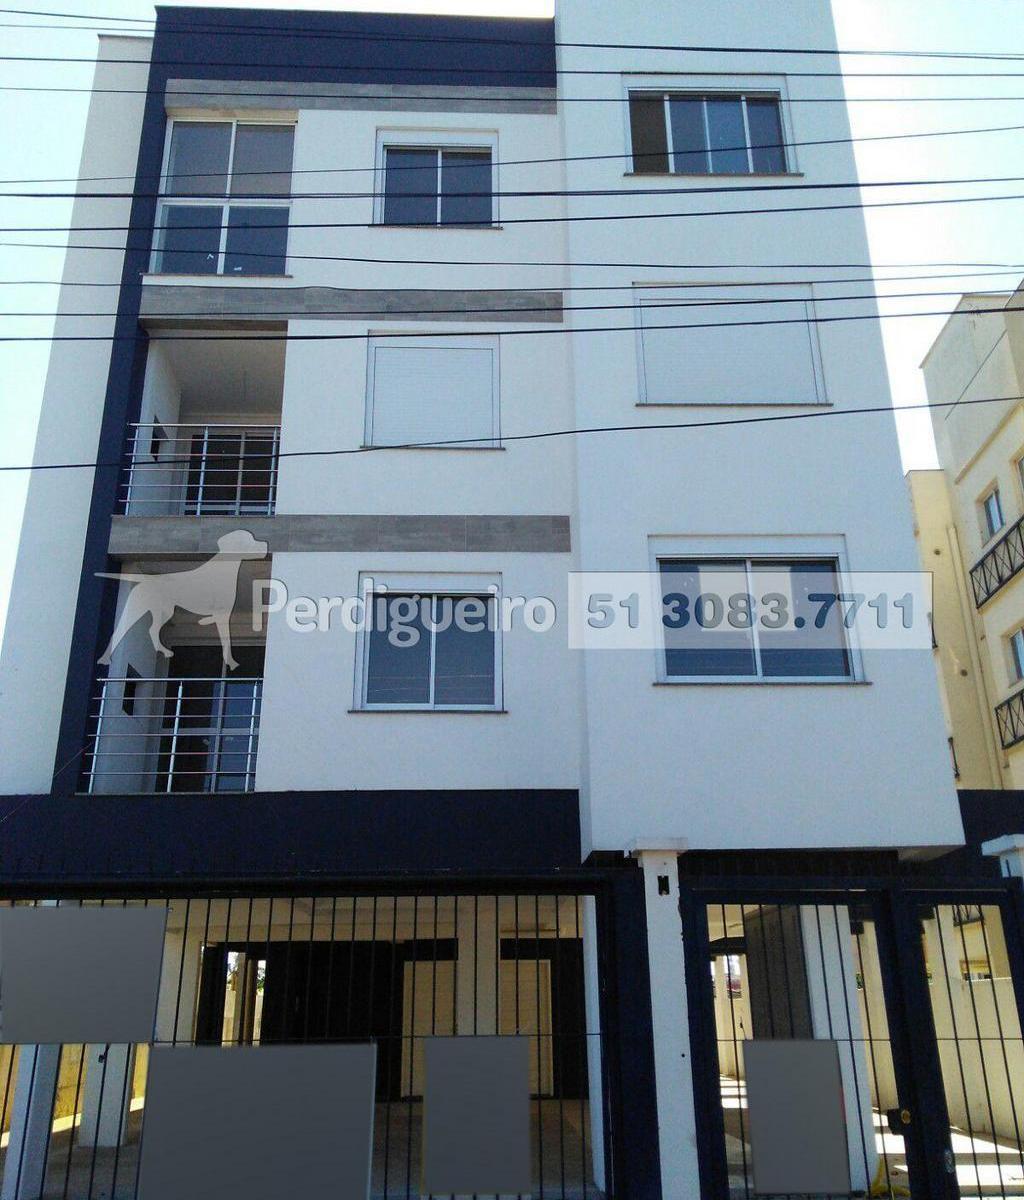 Development/9737/developmentPictures/fachadaFinal1%20(1).jpg